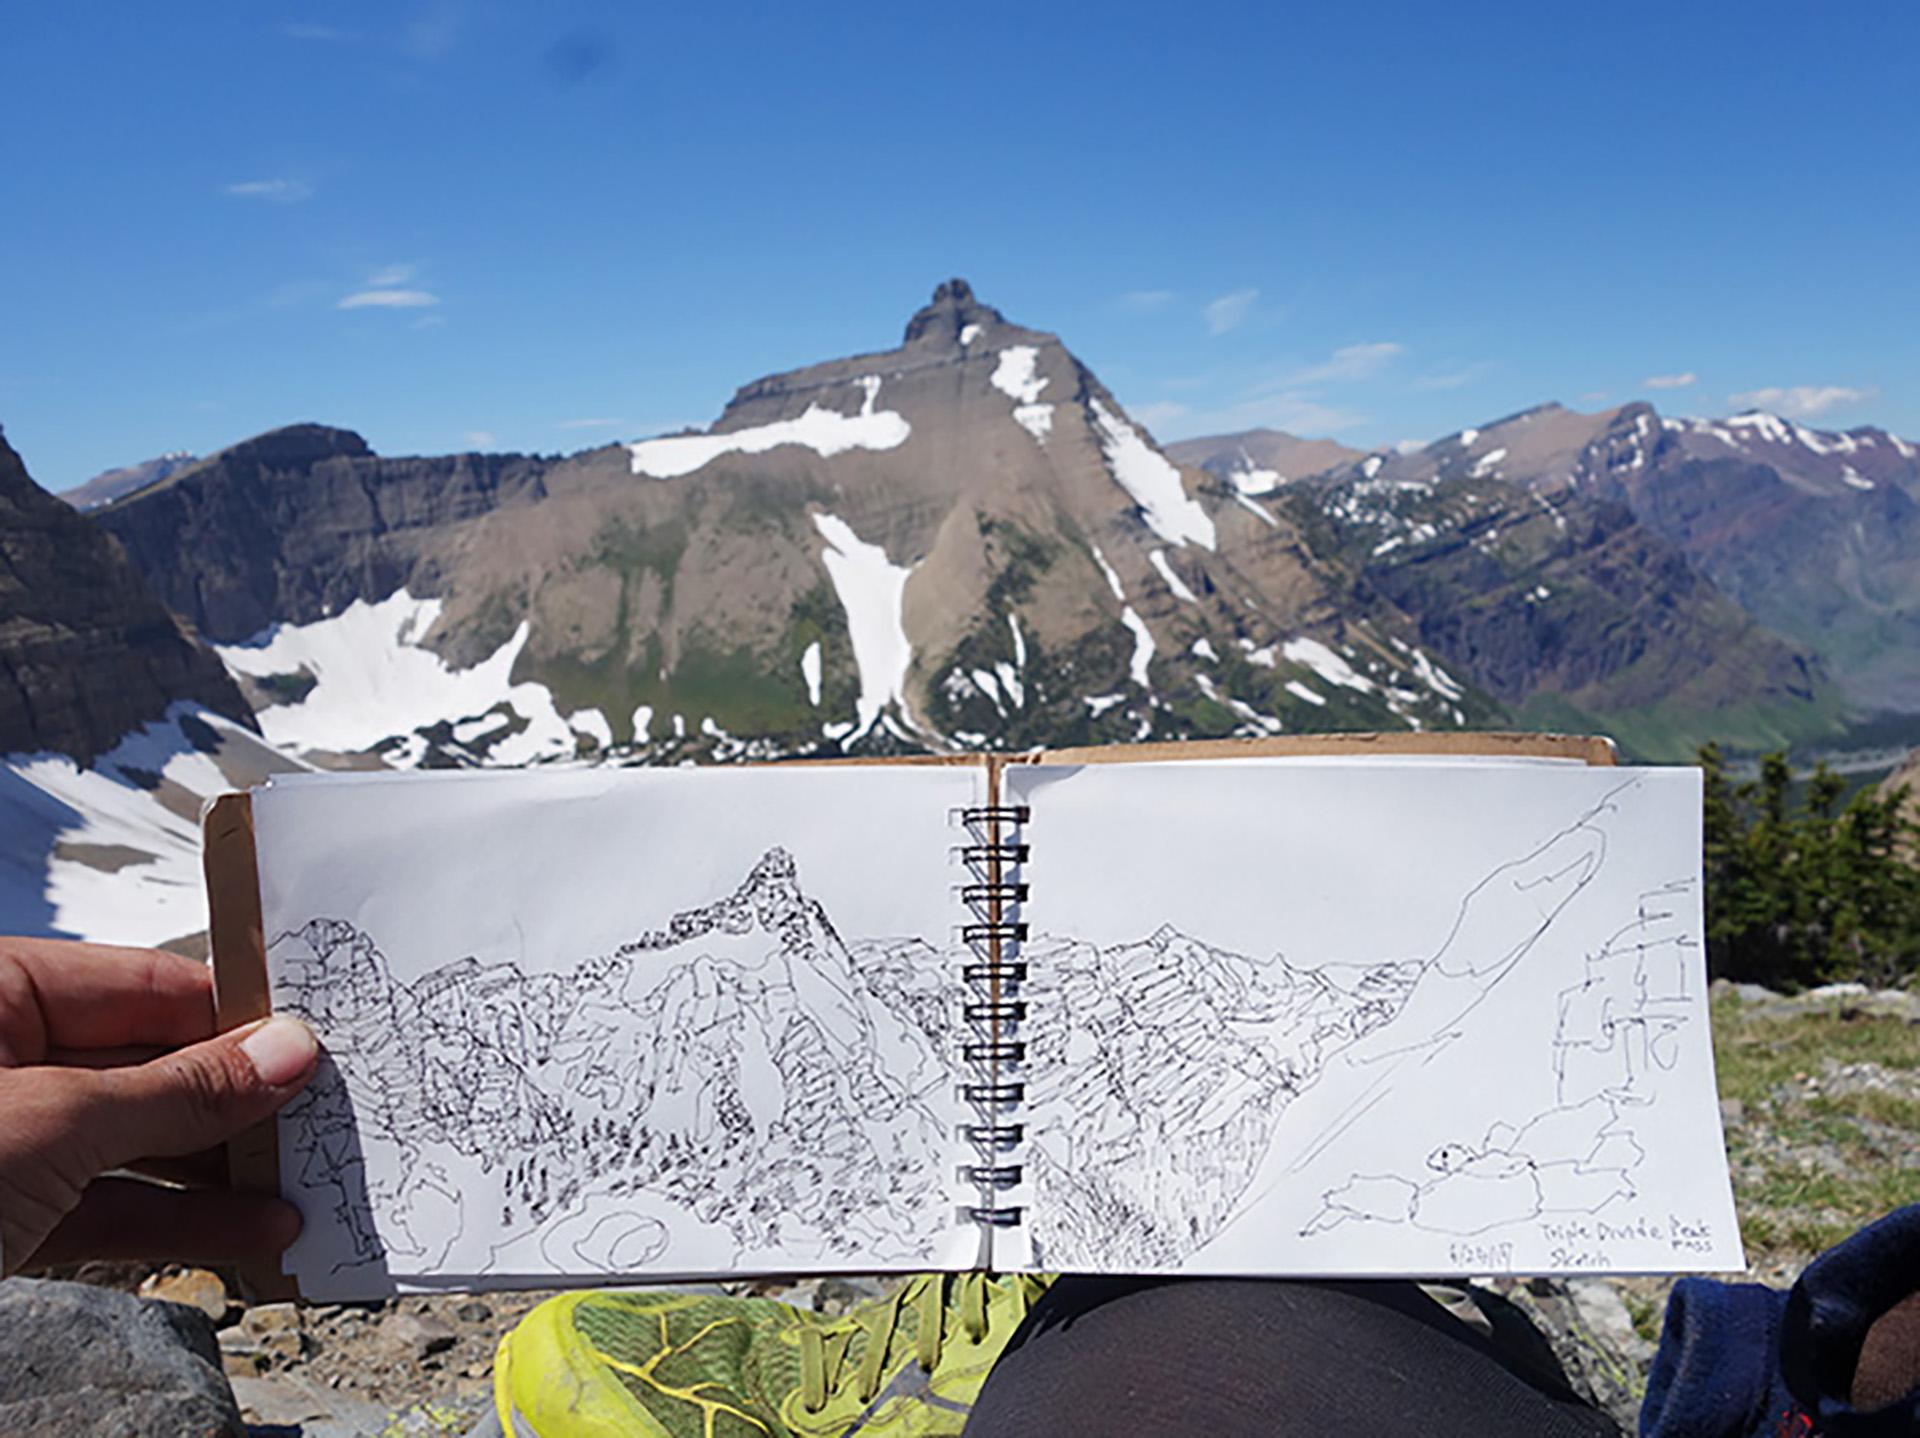 13-3 トリプルクラウナー/イラストレーター・河戸良佑氏インタビュー<br>〜ロングトレイルに必要な才能と、『アリガト山』への思い〜